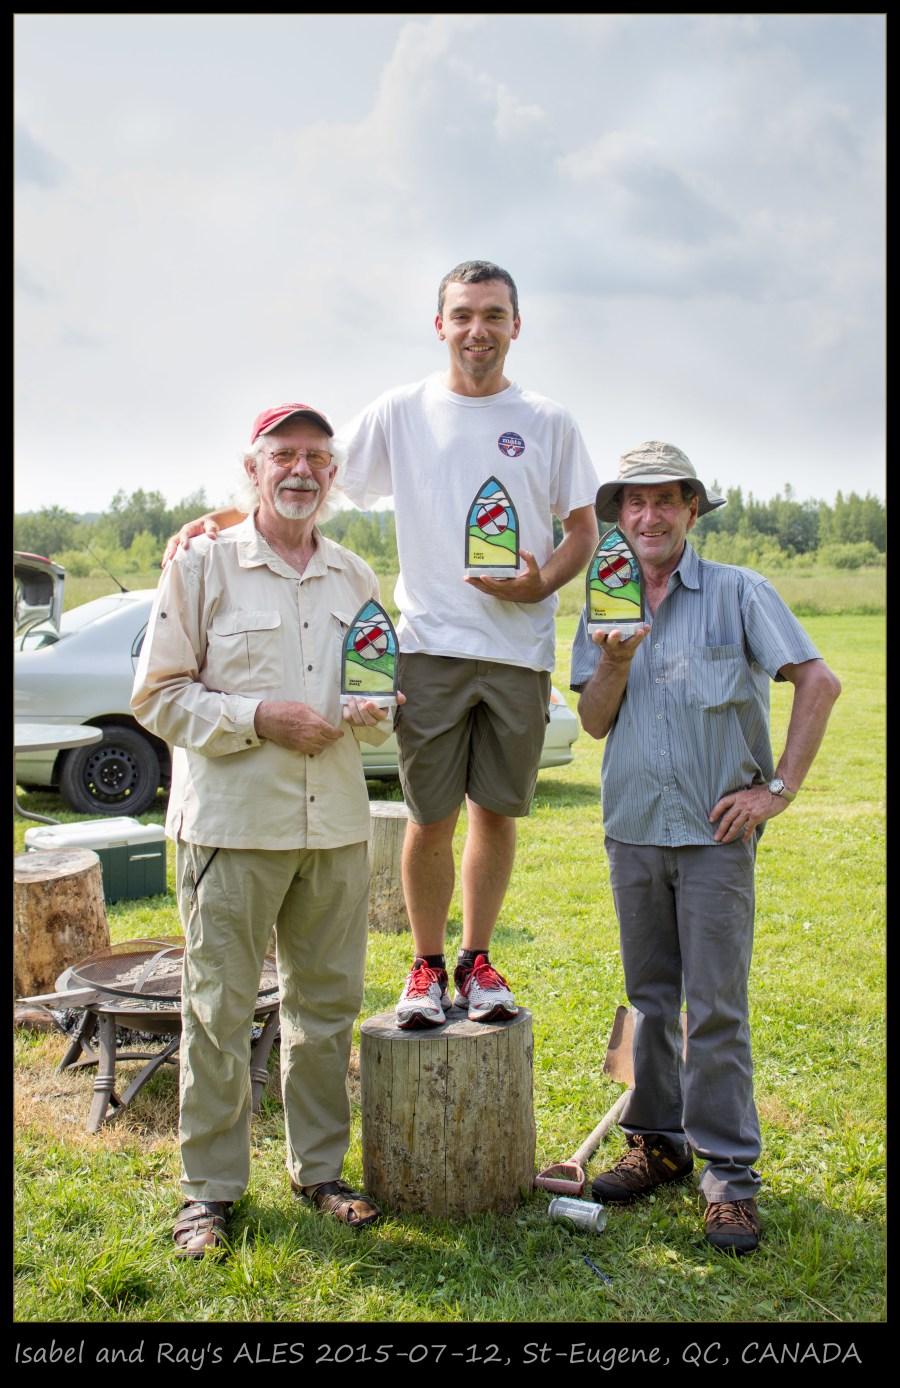 2015-07-12 ALES winners